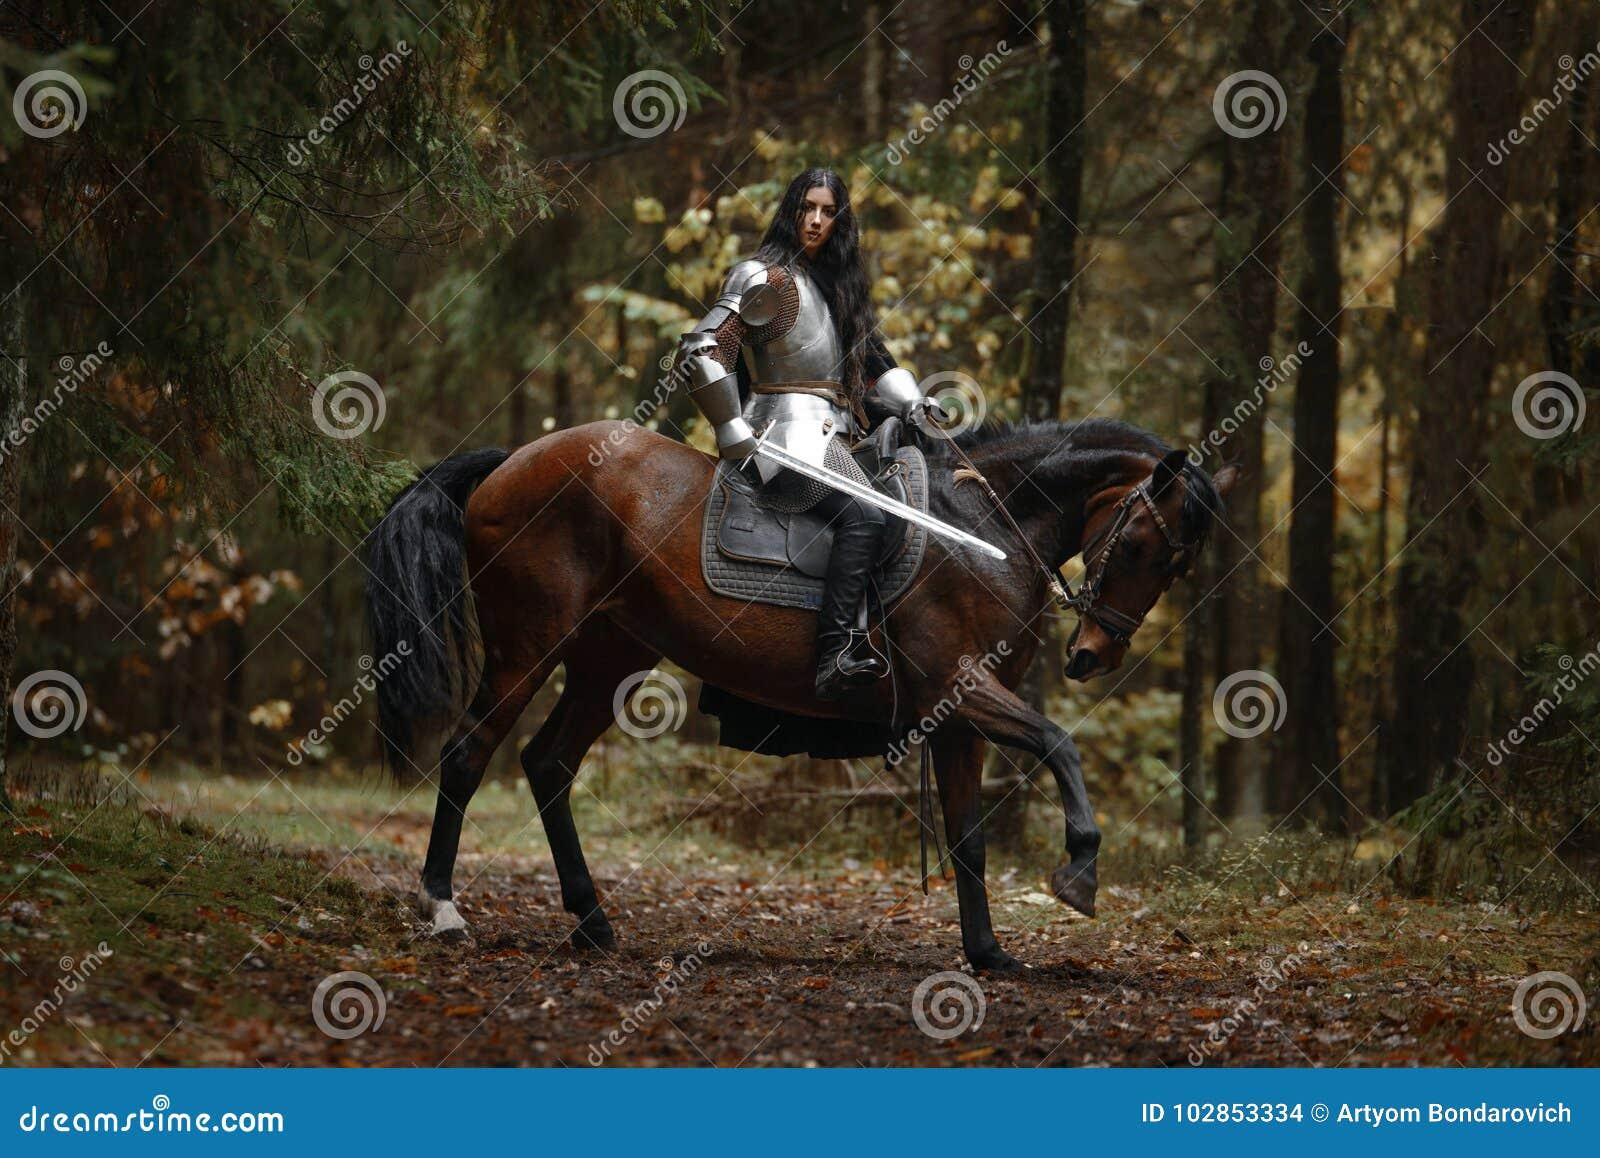 Een mooi strijdersmeisje met een zwaard chainmail en pantser die een paard in een geheimzinnig bos berijden dragen